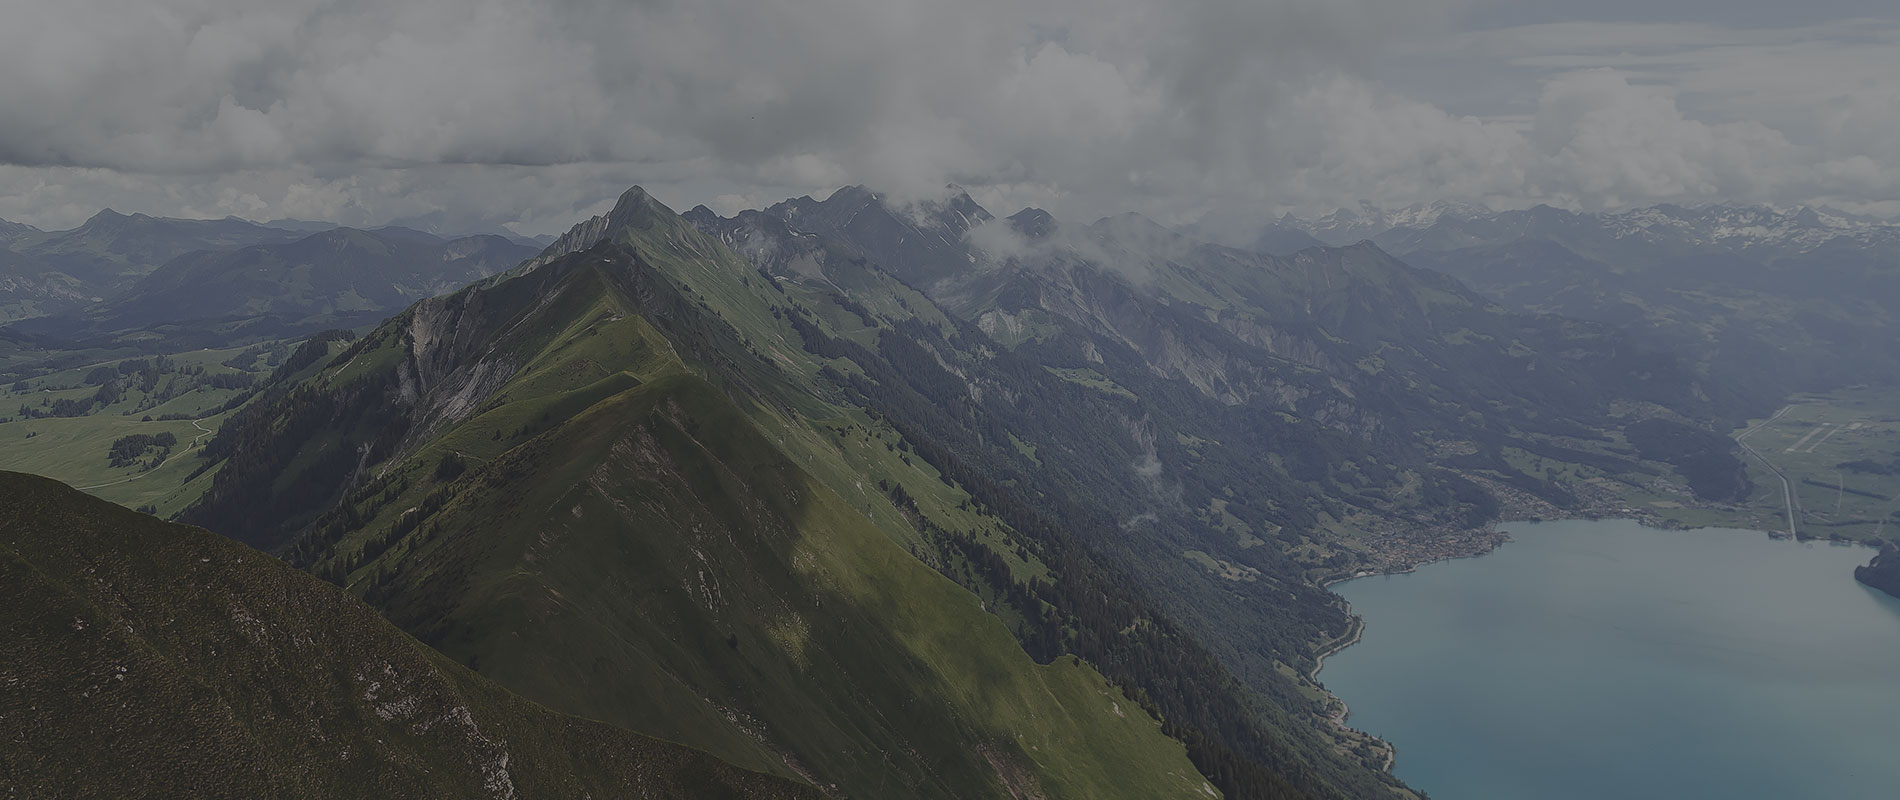 Pěší Túra na Augstmatthorn, Berner Oberland